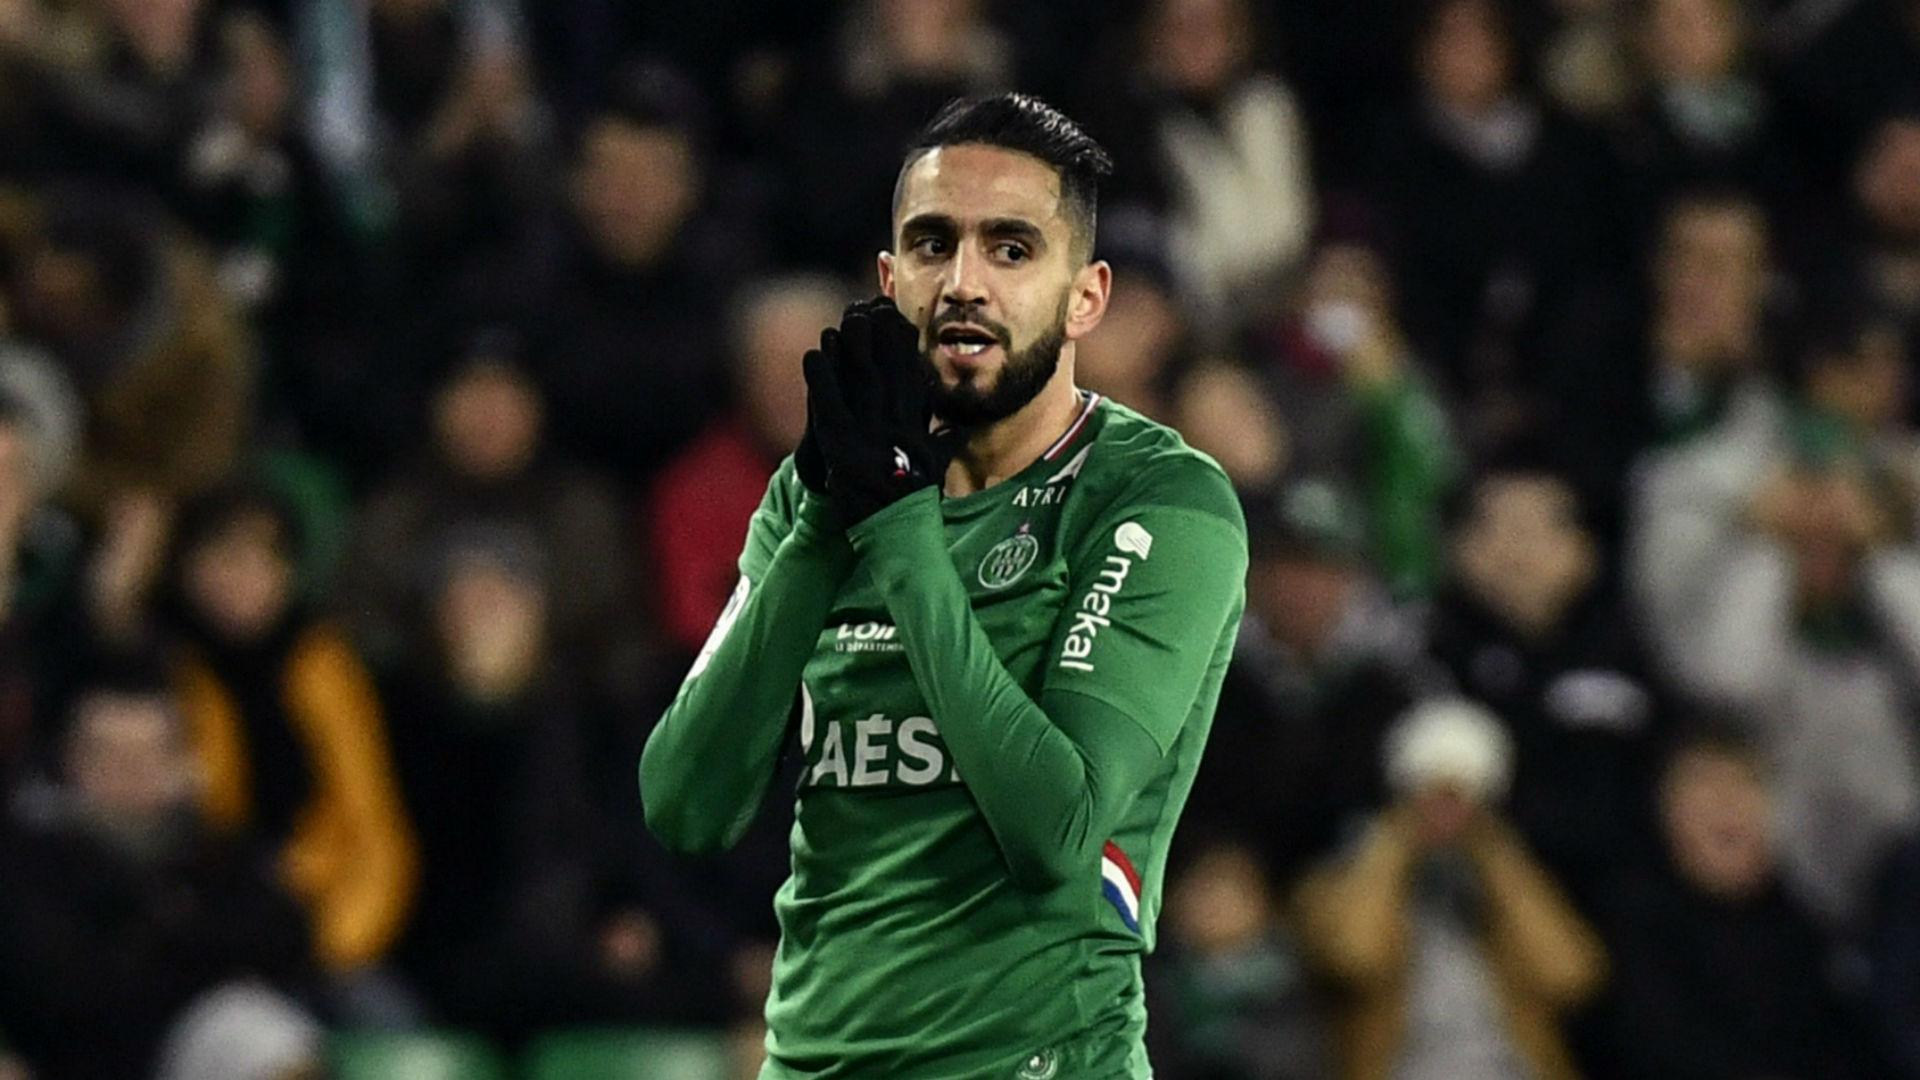 Saint-Etienne 2-1 Rennes: Boudebouz downs defending champions and books final spot